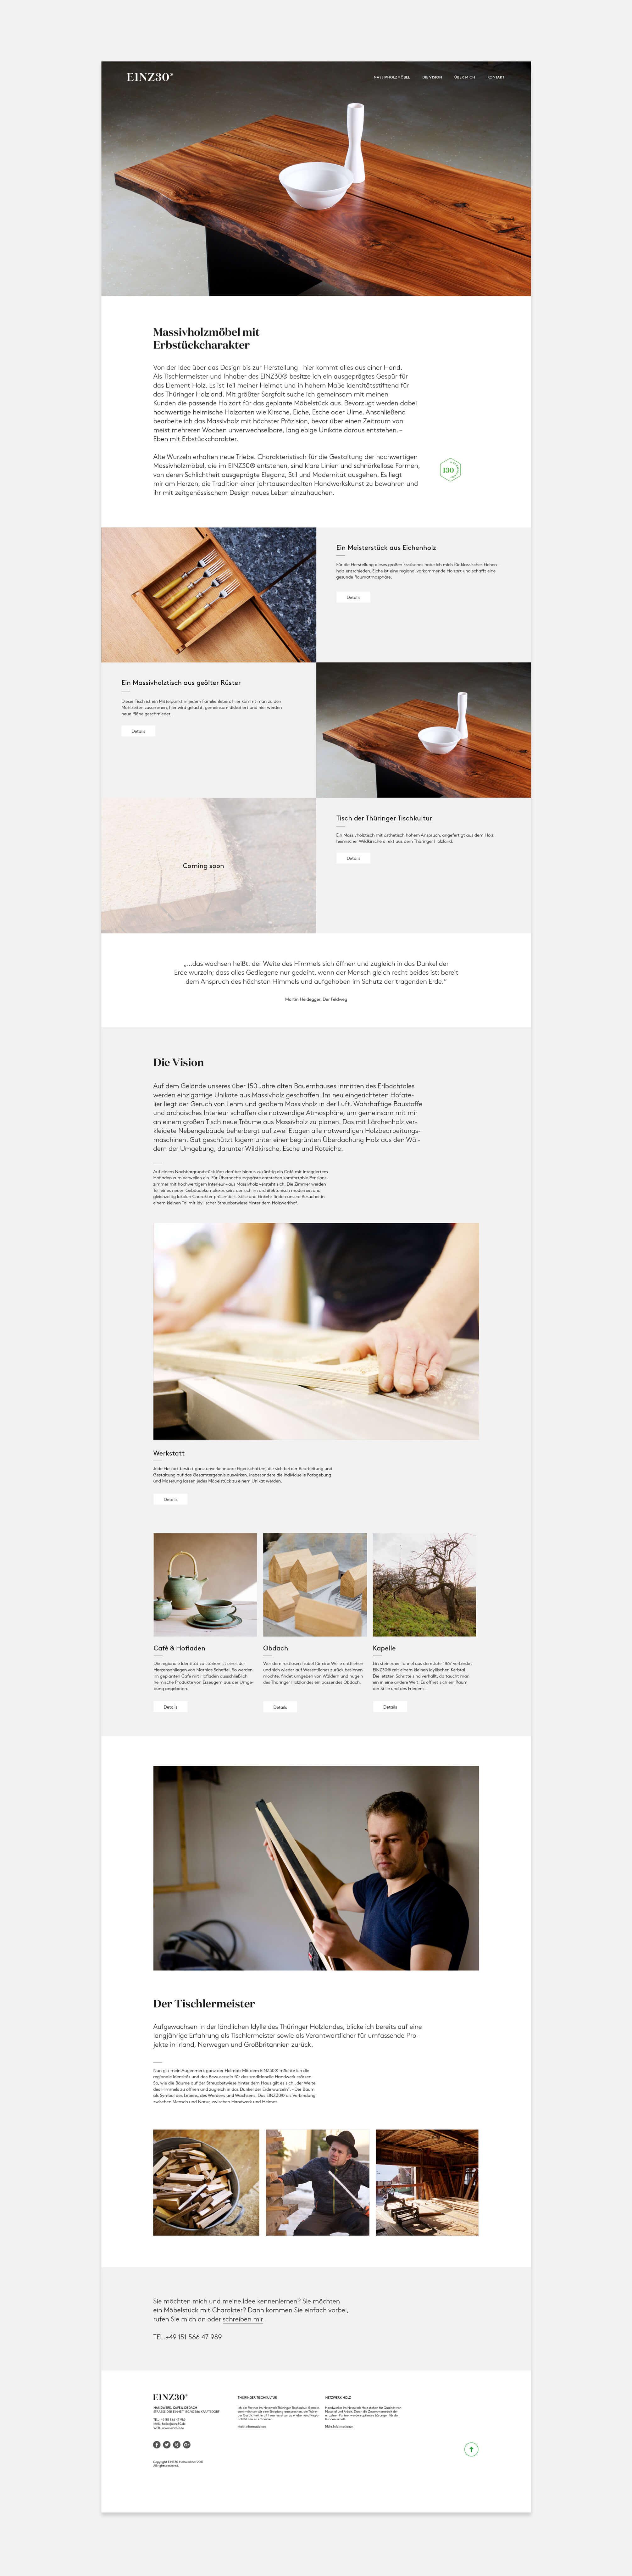 dreizehnundfuenf_design_studio_einz30_15